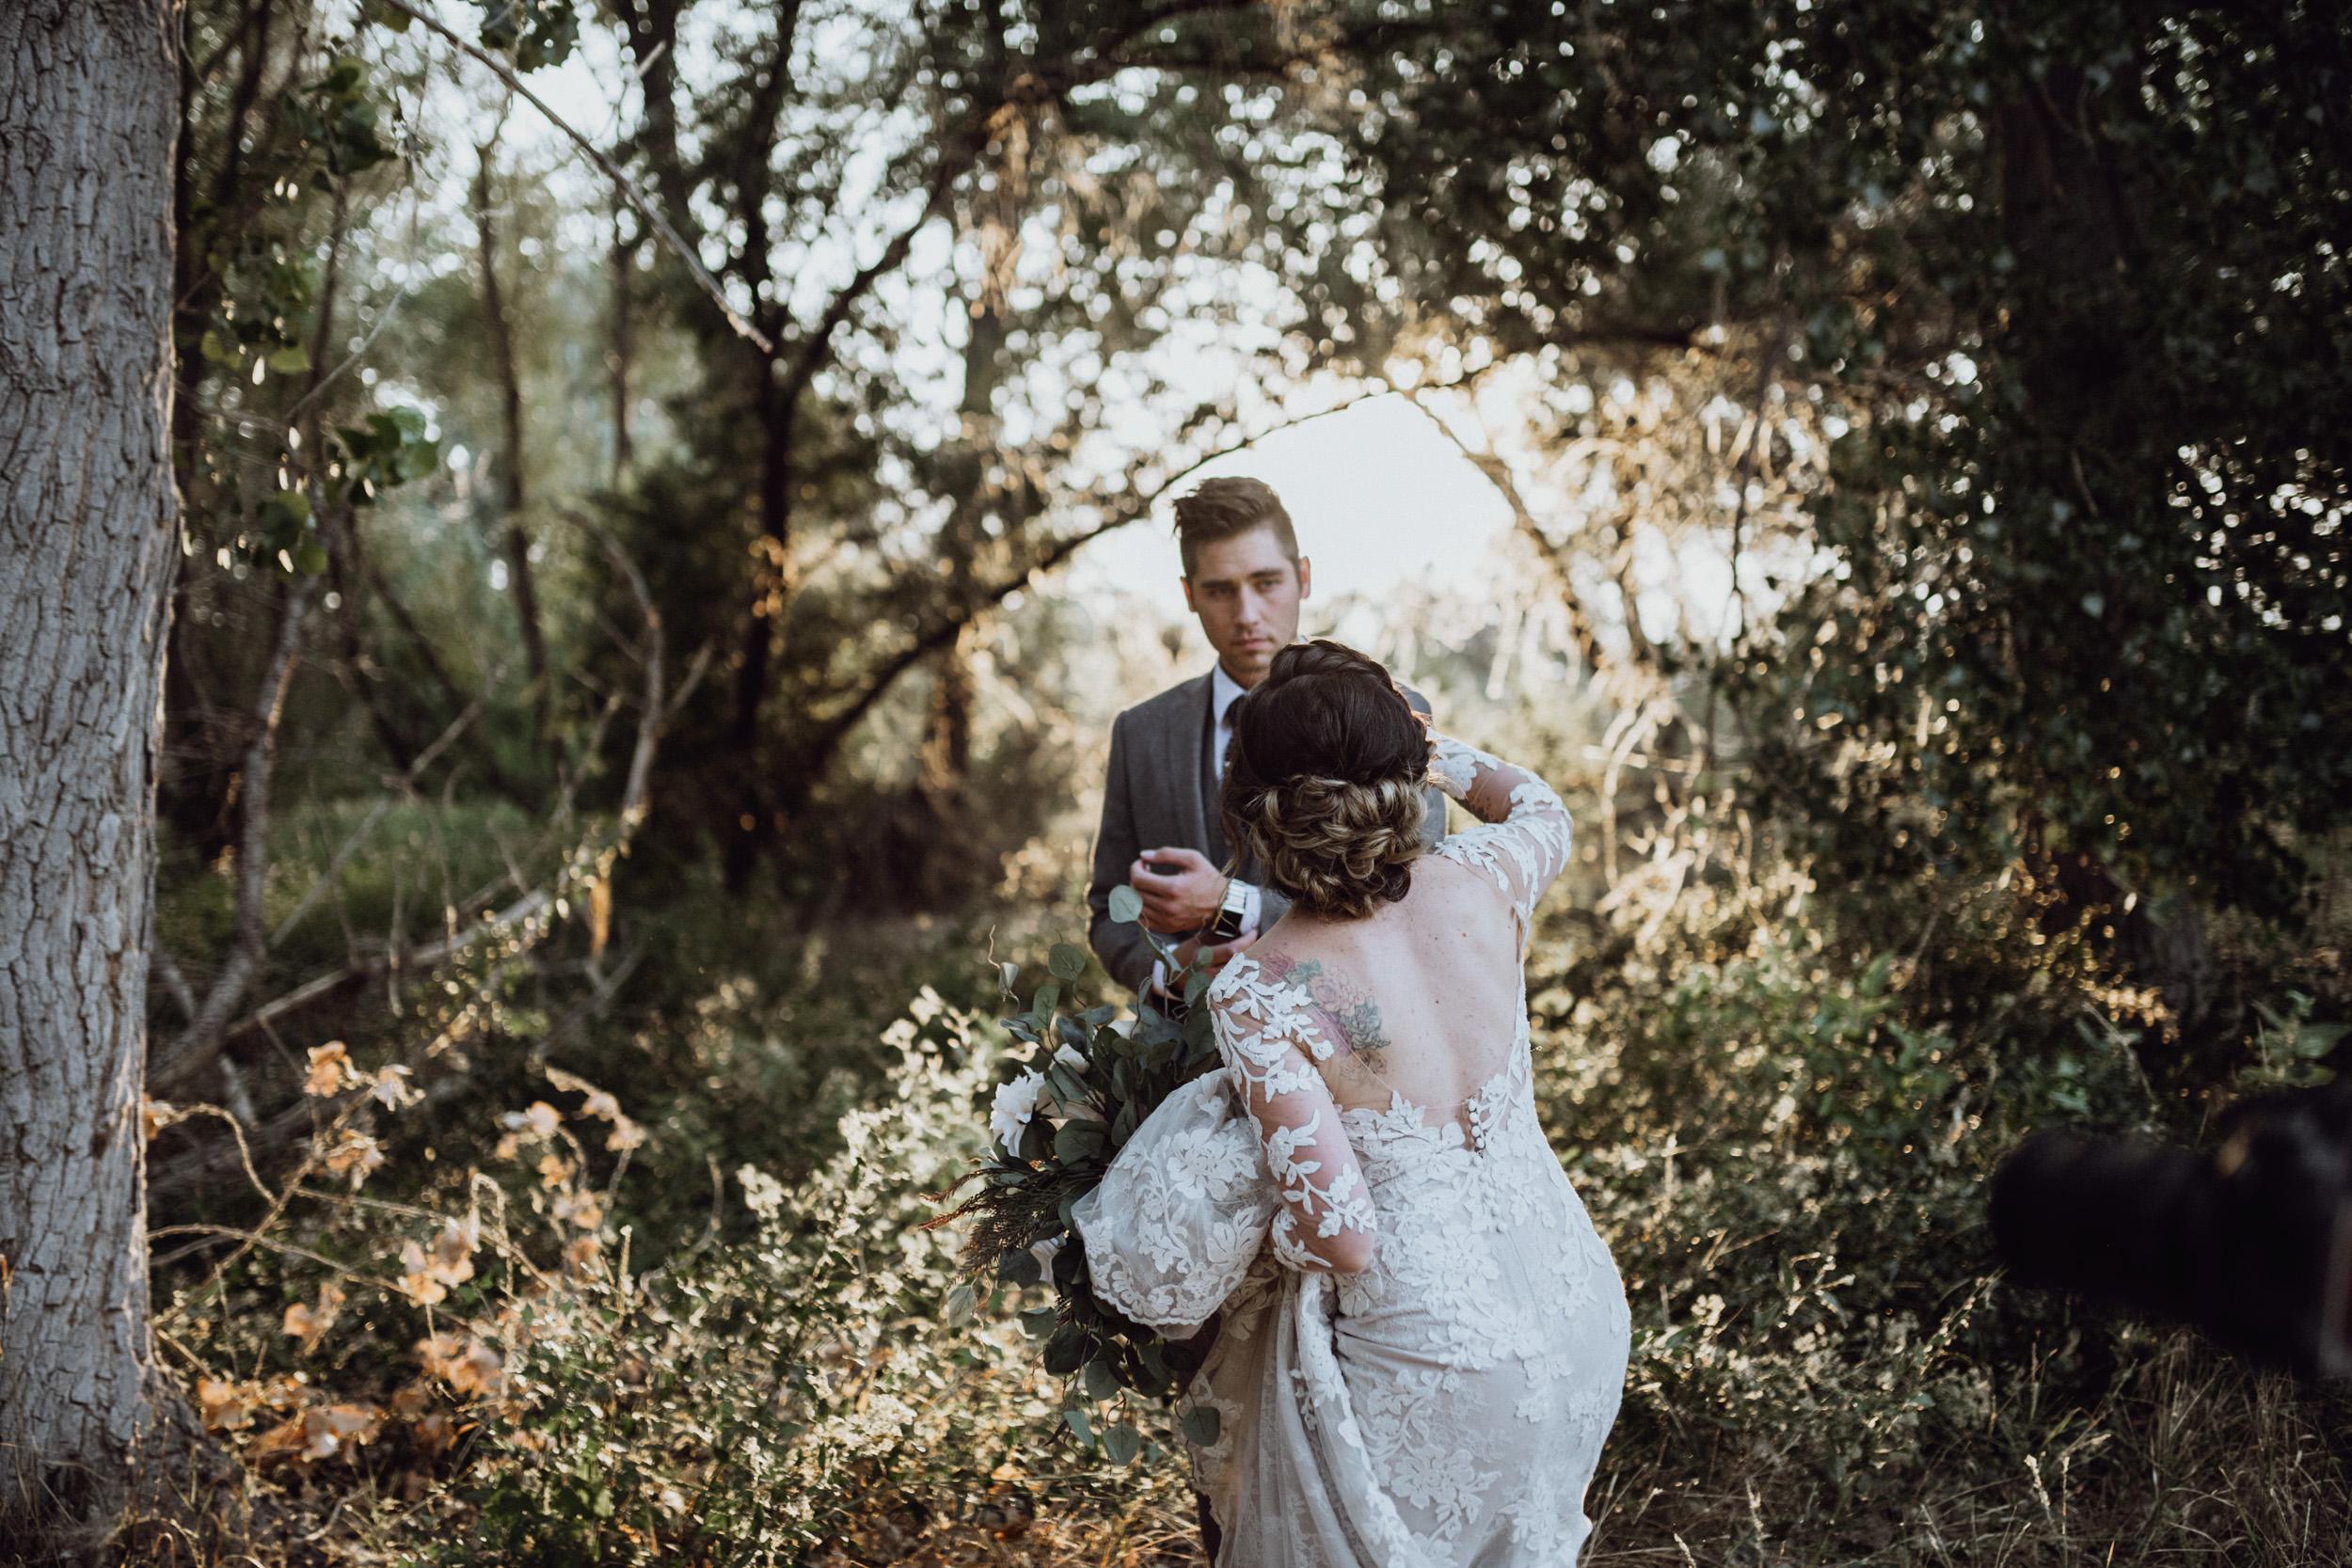 Bride walking towards groom in grassy field